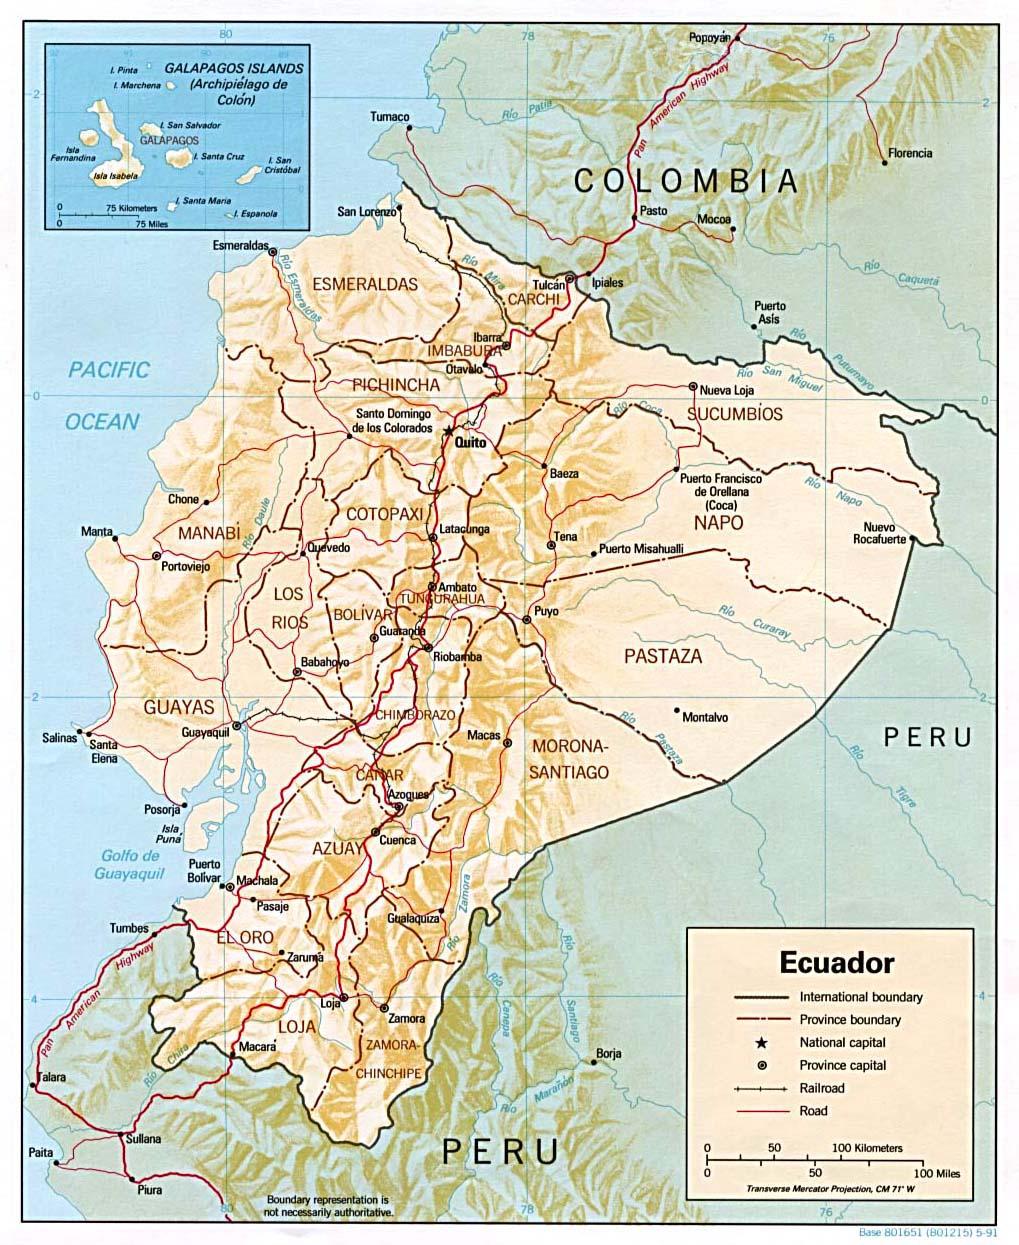 Mapa Relieve Sombreado de Ecuador